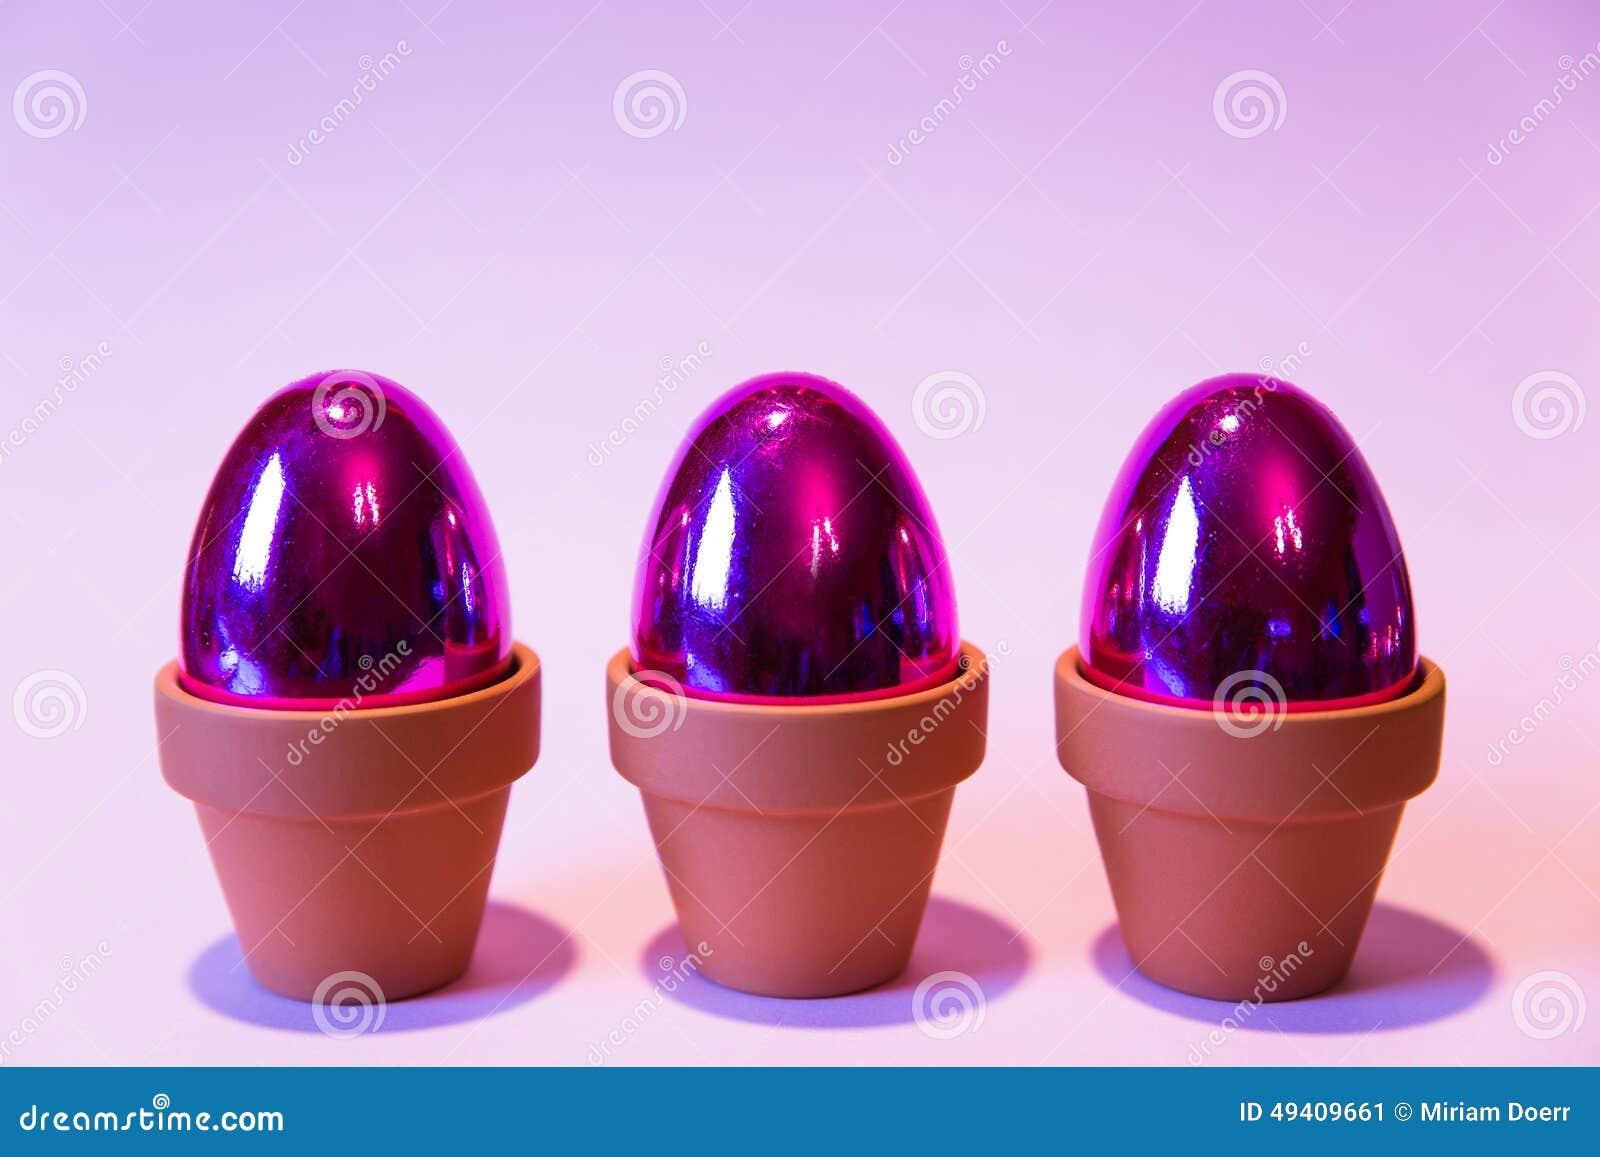 Download Purpurrote Eier Mit Einem Rosa Hintergrund Stockbild - Bild von nahrung, symbol: 49409661